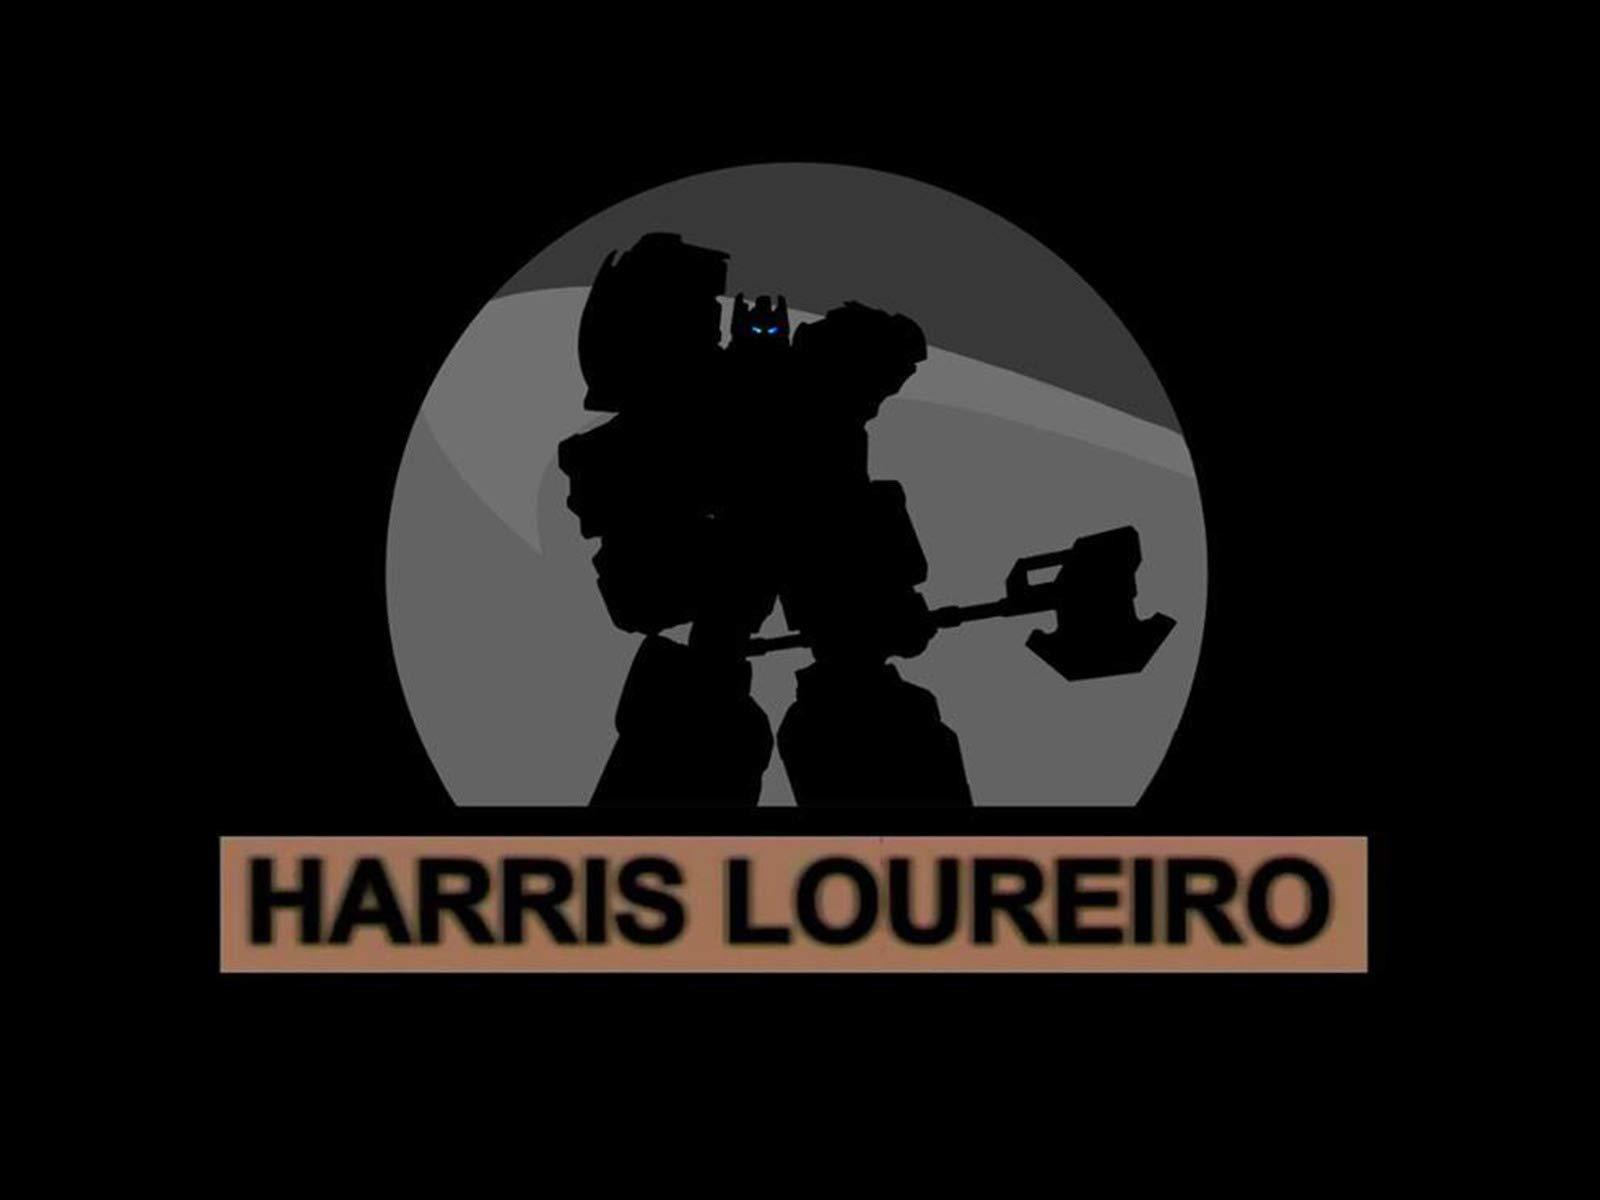 Harris Loureiro on Amazon Prime Video UK